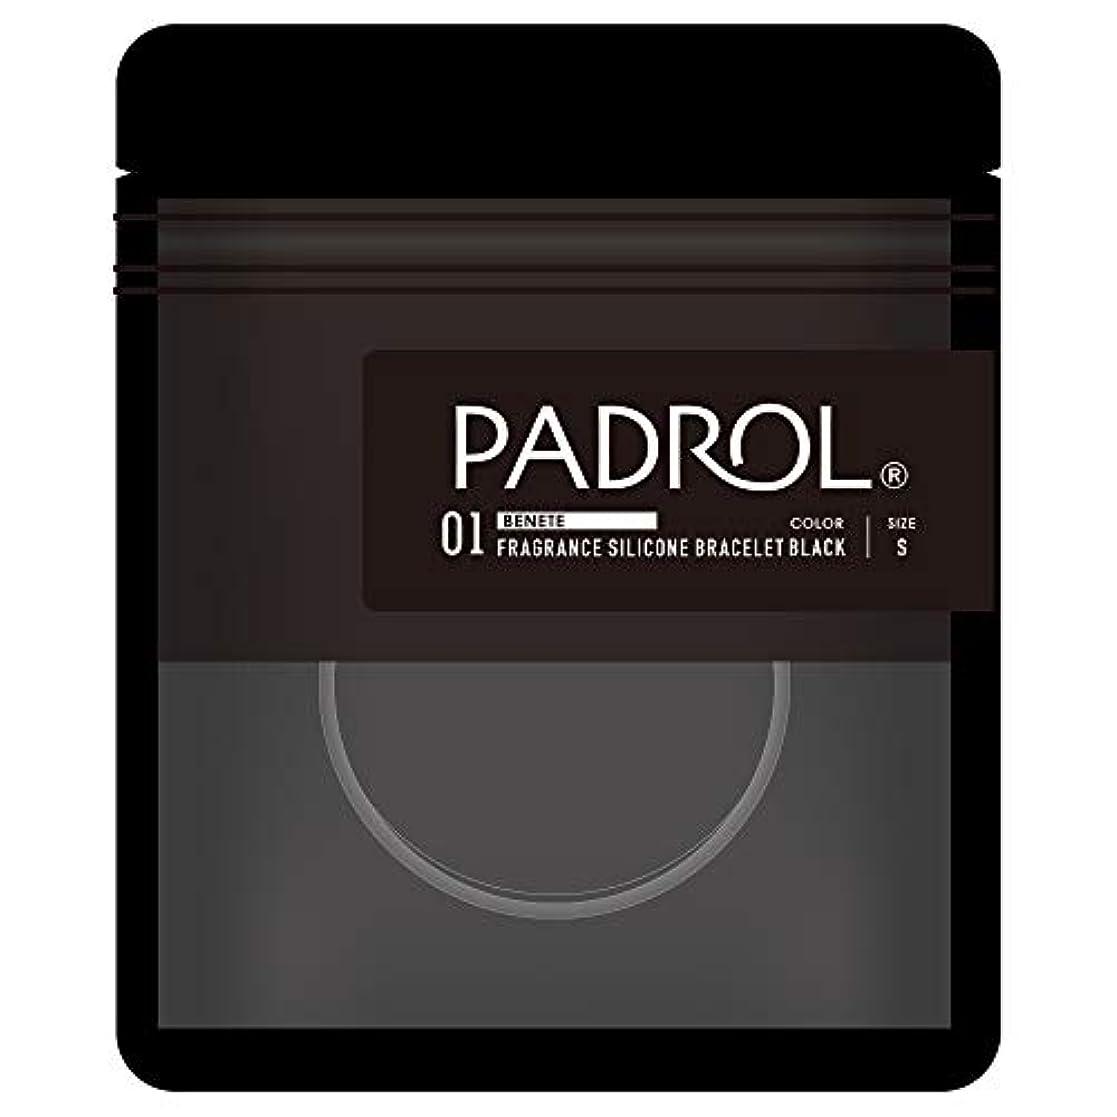 聞く昼食スペイン語PADROL フレグランス ブレスレット ホワイトムスクの香り シリコン Sサイズ ブラック PAD-13-03